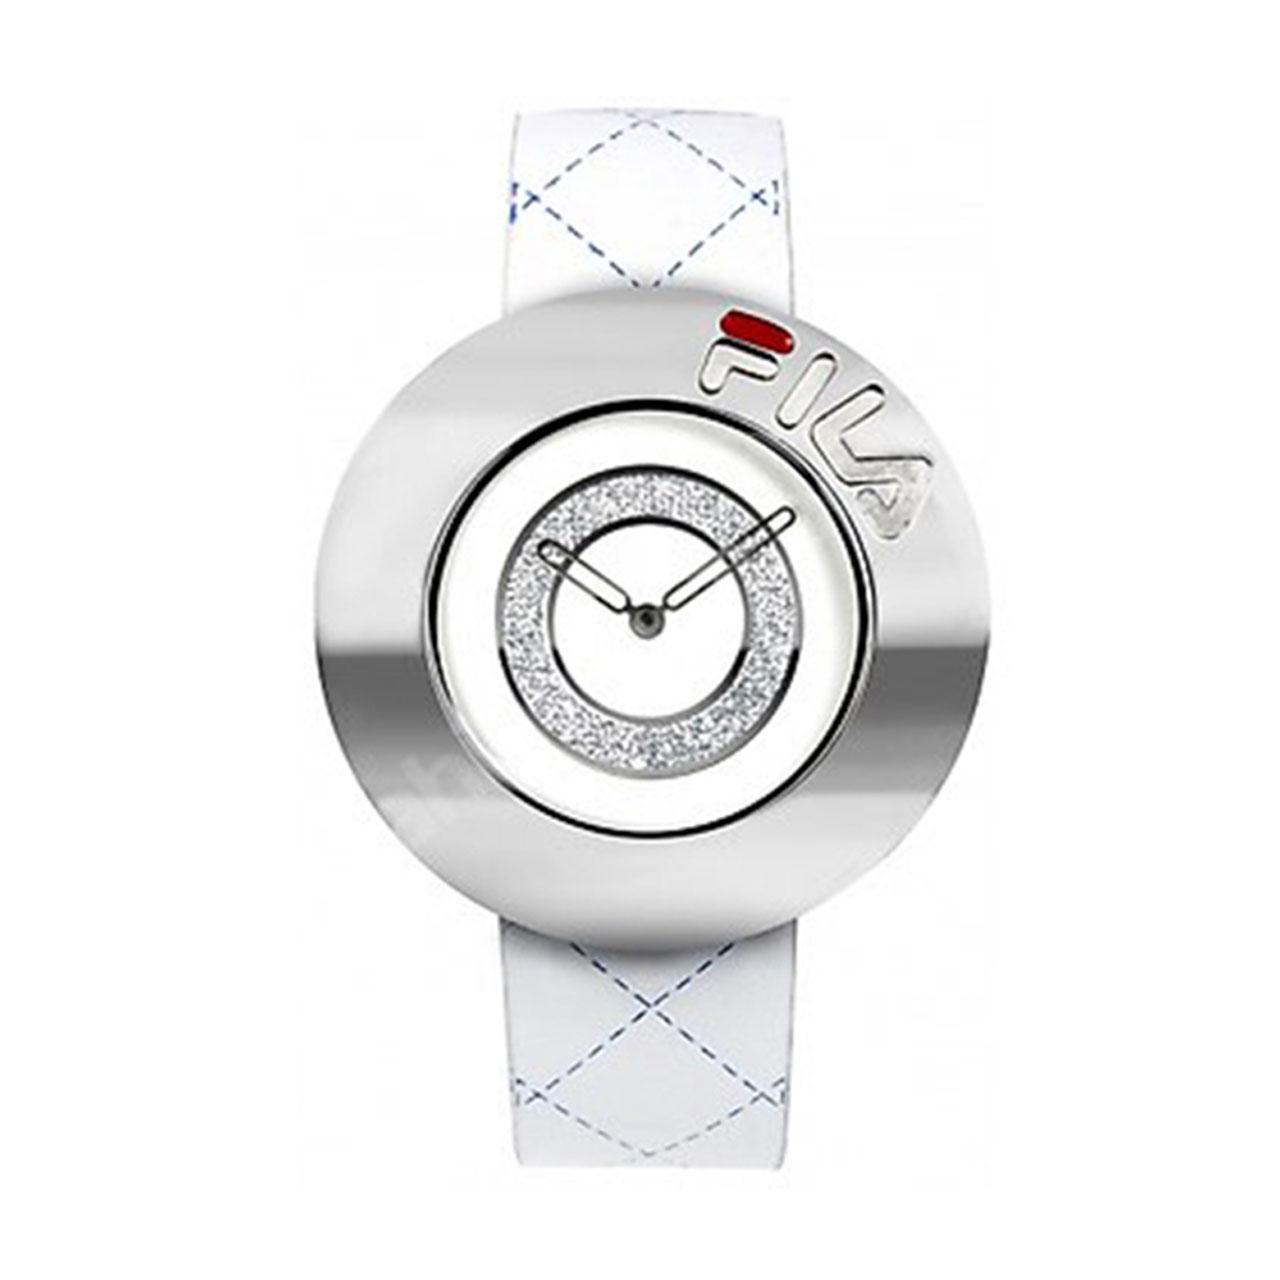 ساعت مچی عقربه ای زنانه فیلا مدل 38-021-001 27